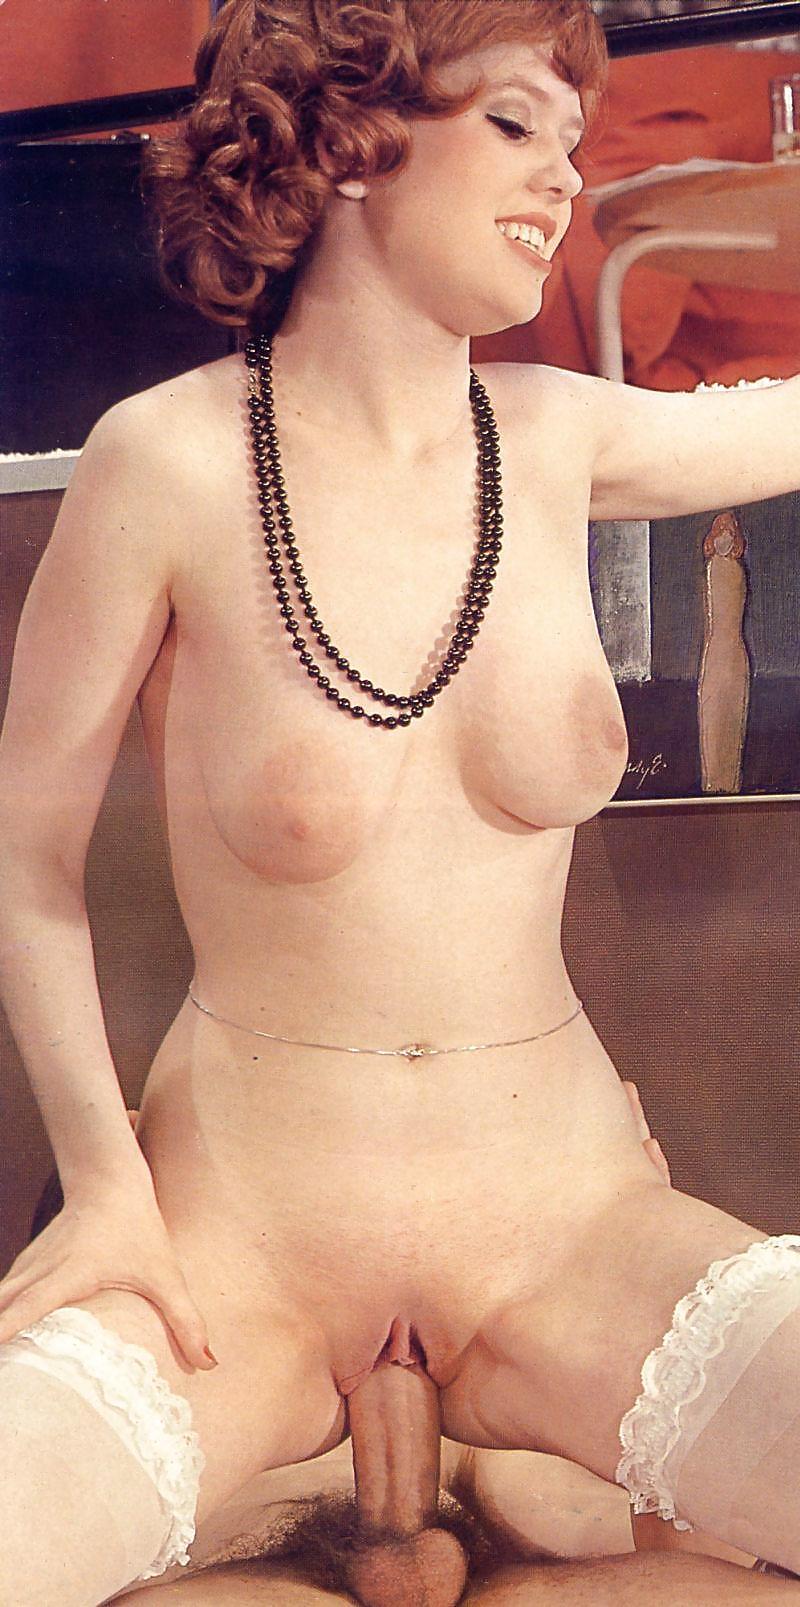 Masturbate dildo movie girl redhead